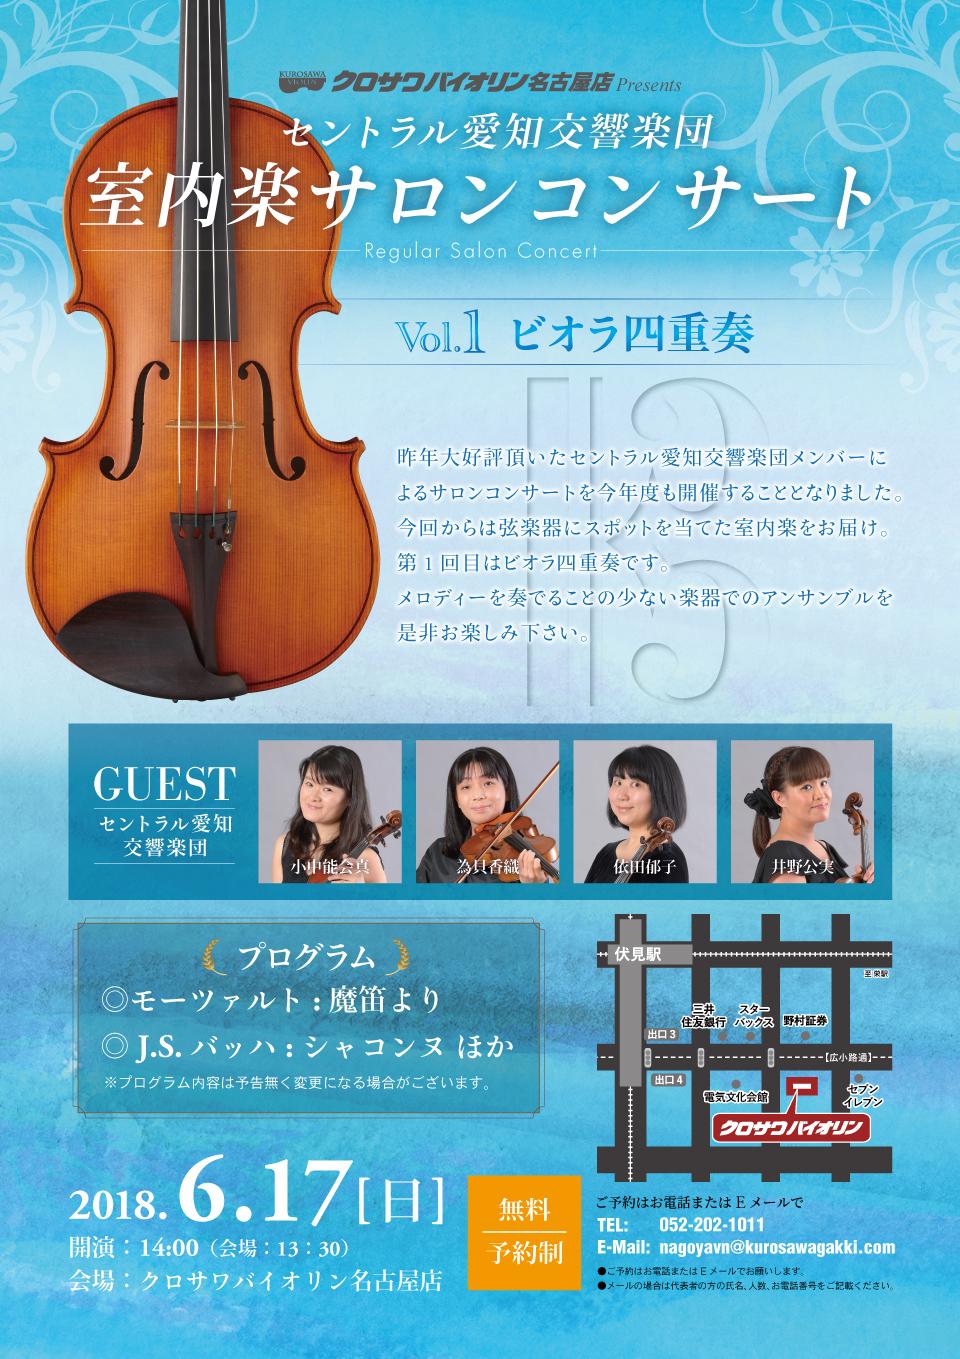 セントラル愛知交響楽団 室内楽サロンコンサート Vol.1 ヴィオラ四重奏